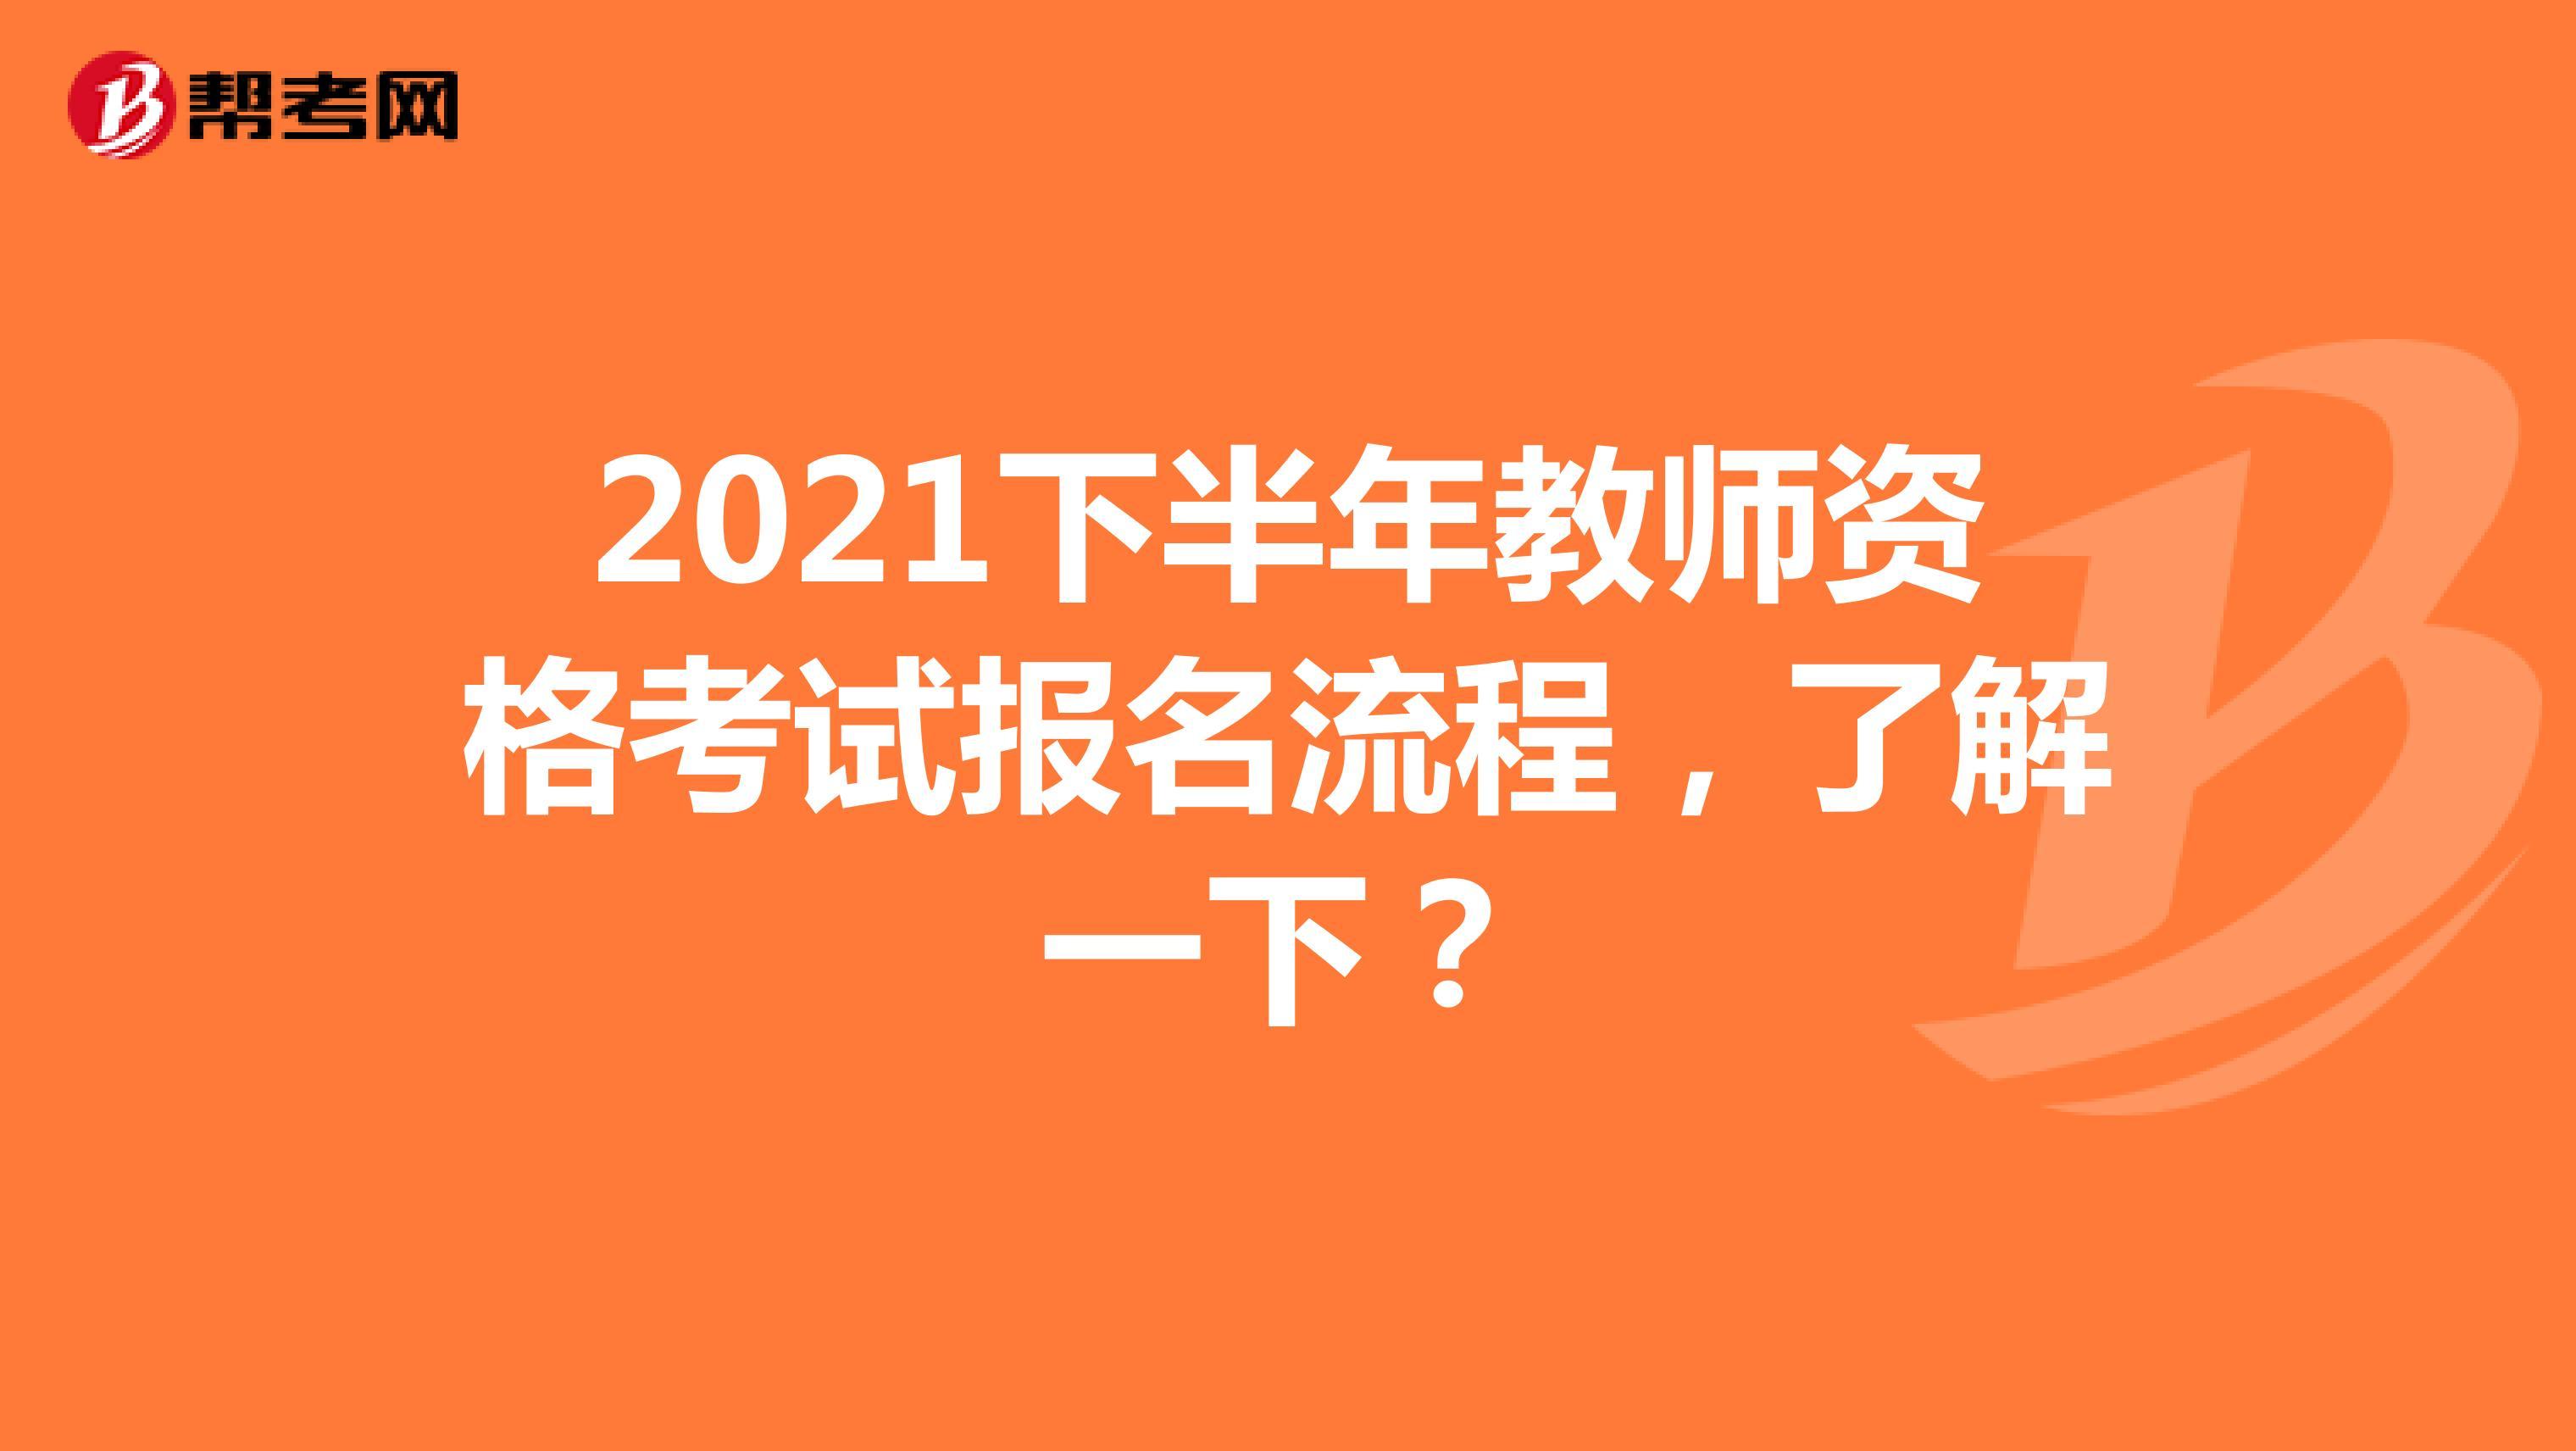 2021下半年教师资格考试报名流程,了解一下?